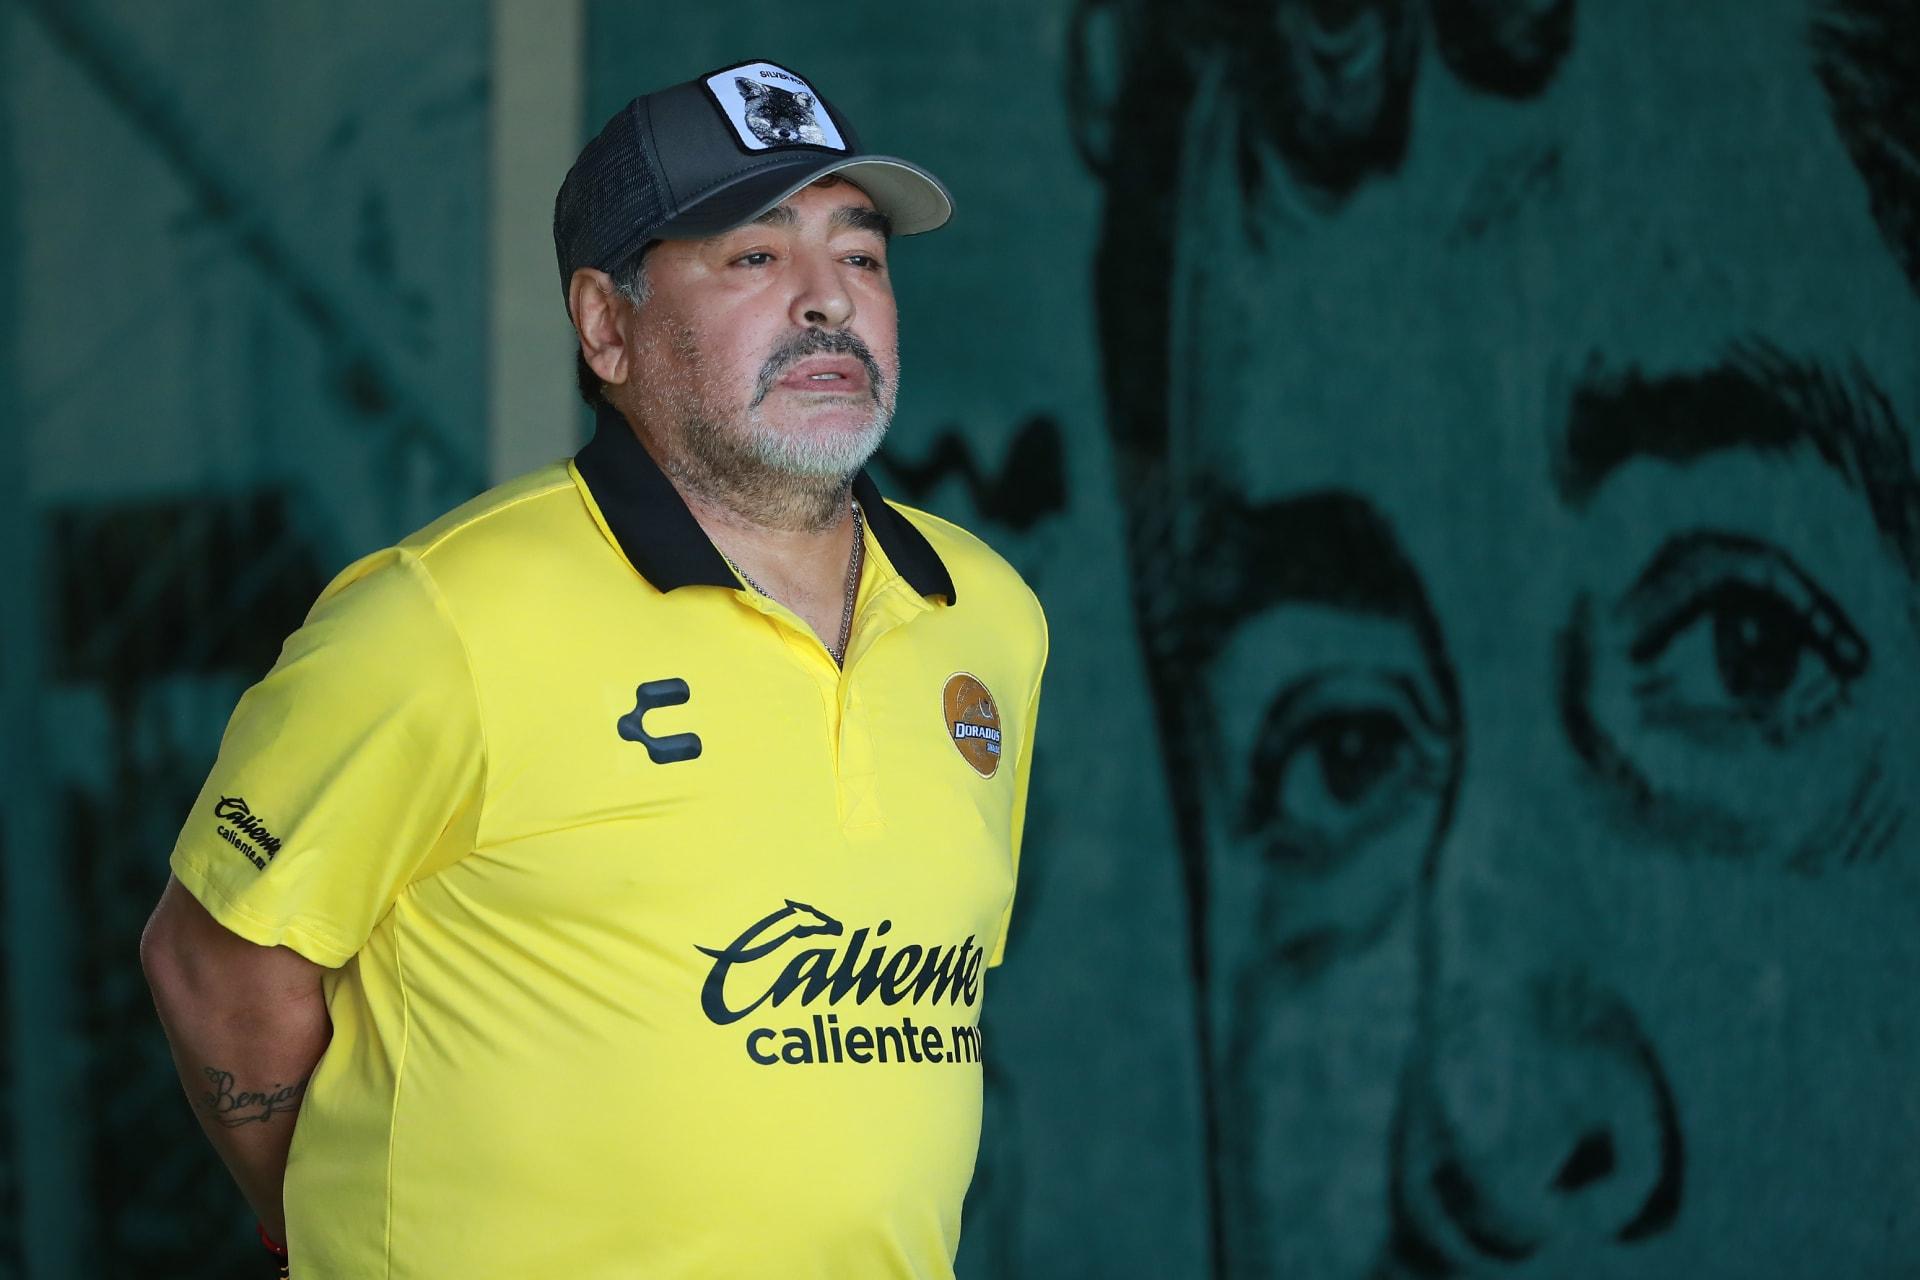 نجم الكرة الأرجنتينية السابق دييغو مارداونا يخضع لعملية في الدماغ